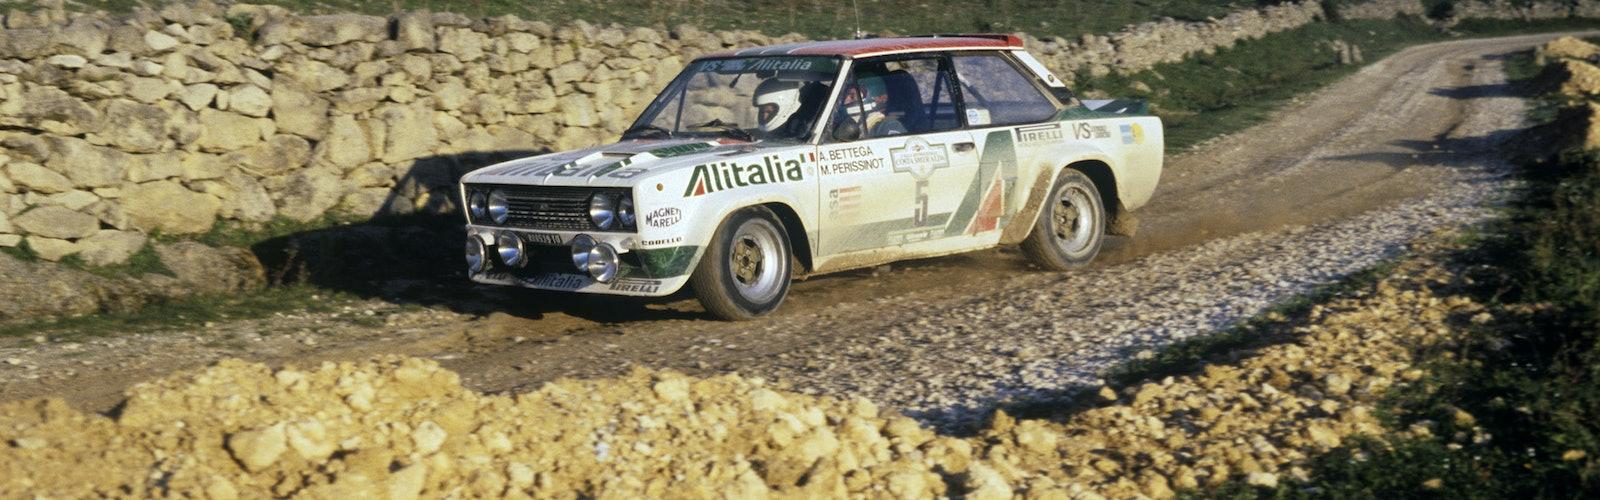 1979 Costa Smeralda Rallyecopyright: Mcklein